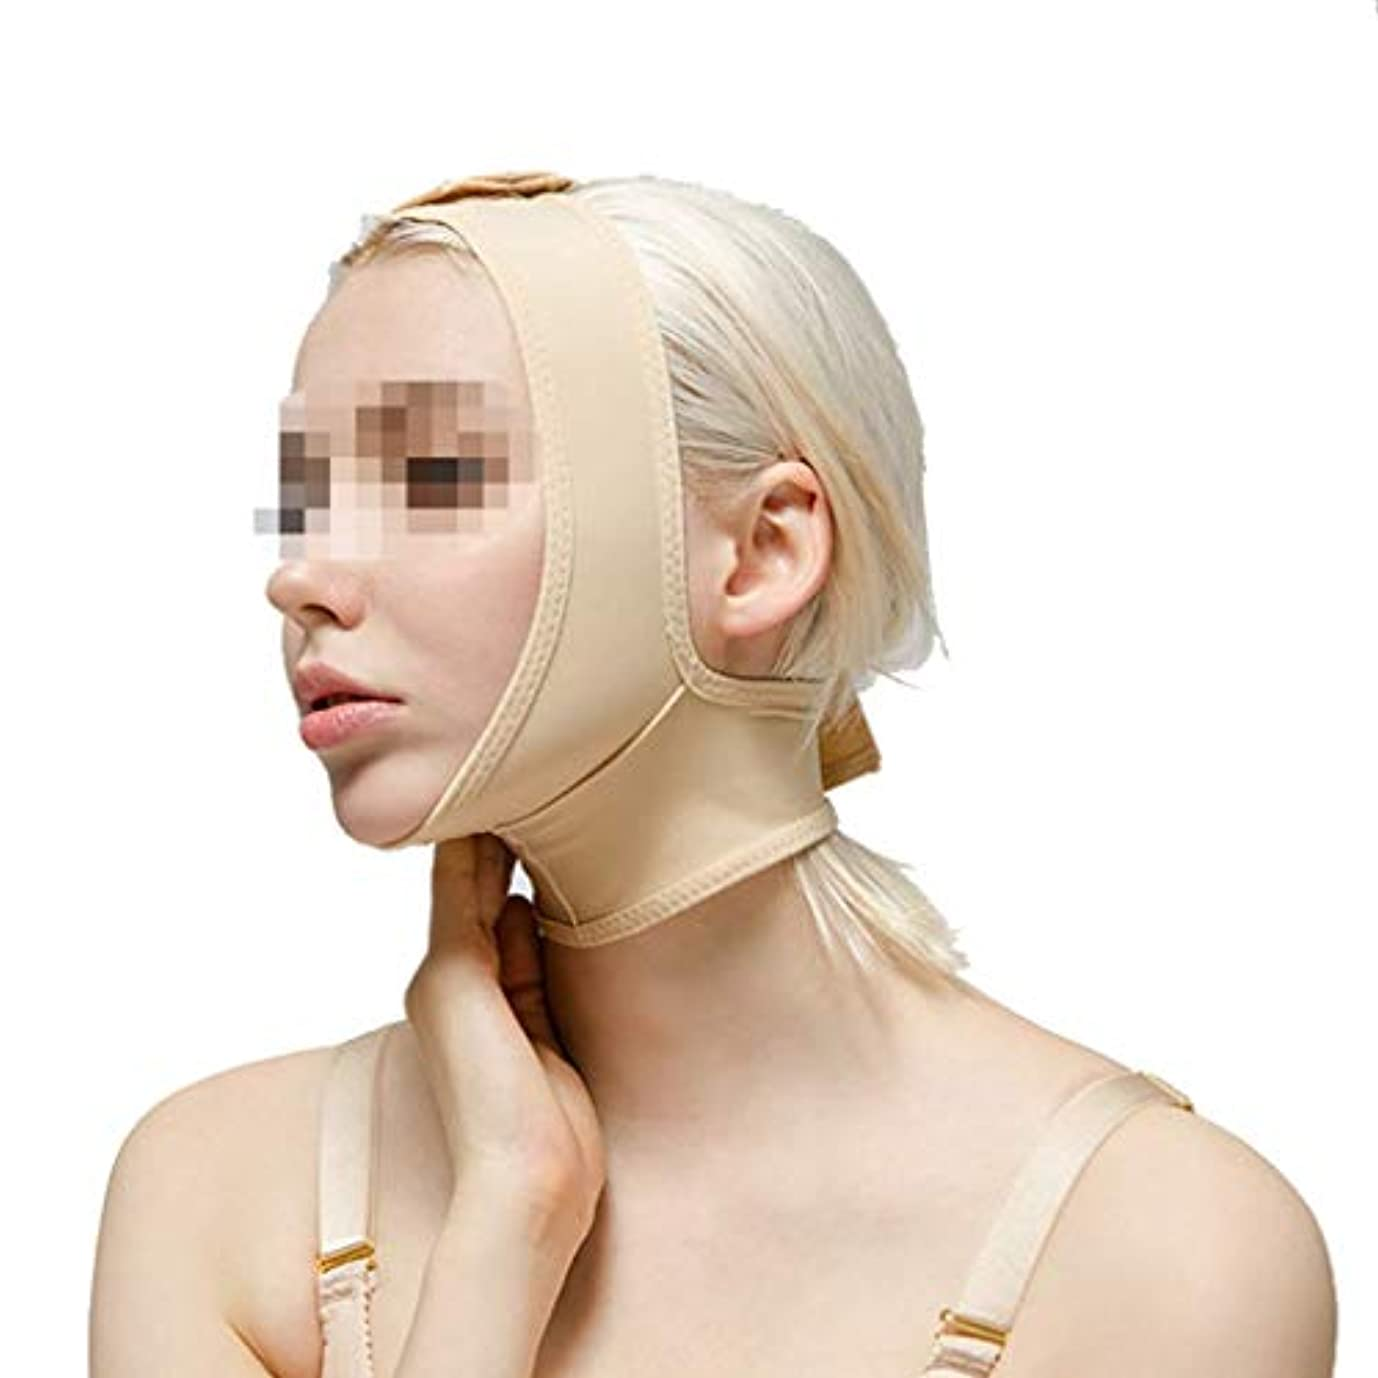 幾何学工業化する血統術後伸縮性スリーブ、下顎束フェイスバンデージフェイシャルビームダブルチンシンフェイスマスクマルチサイズオプション(サイズ:L),XS